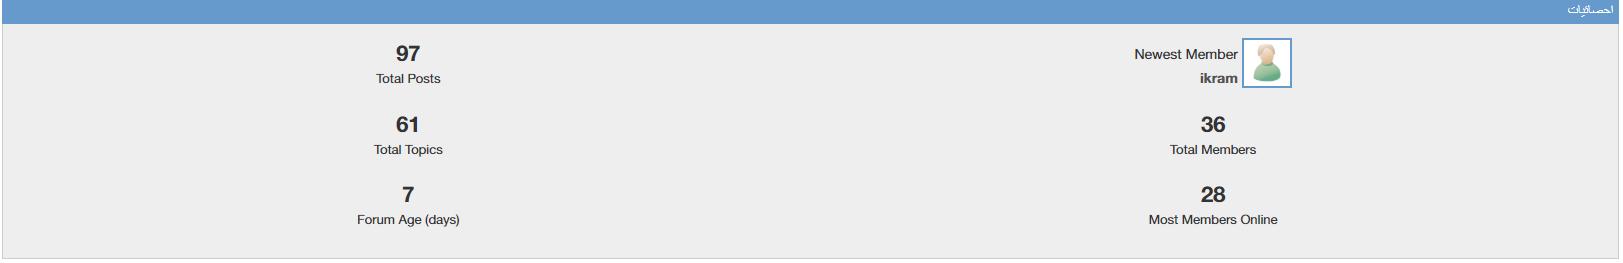 modification d'un script svp Screenshot-28